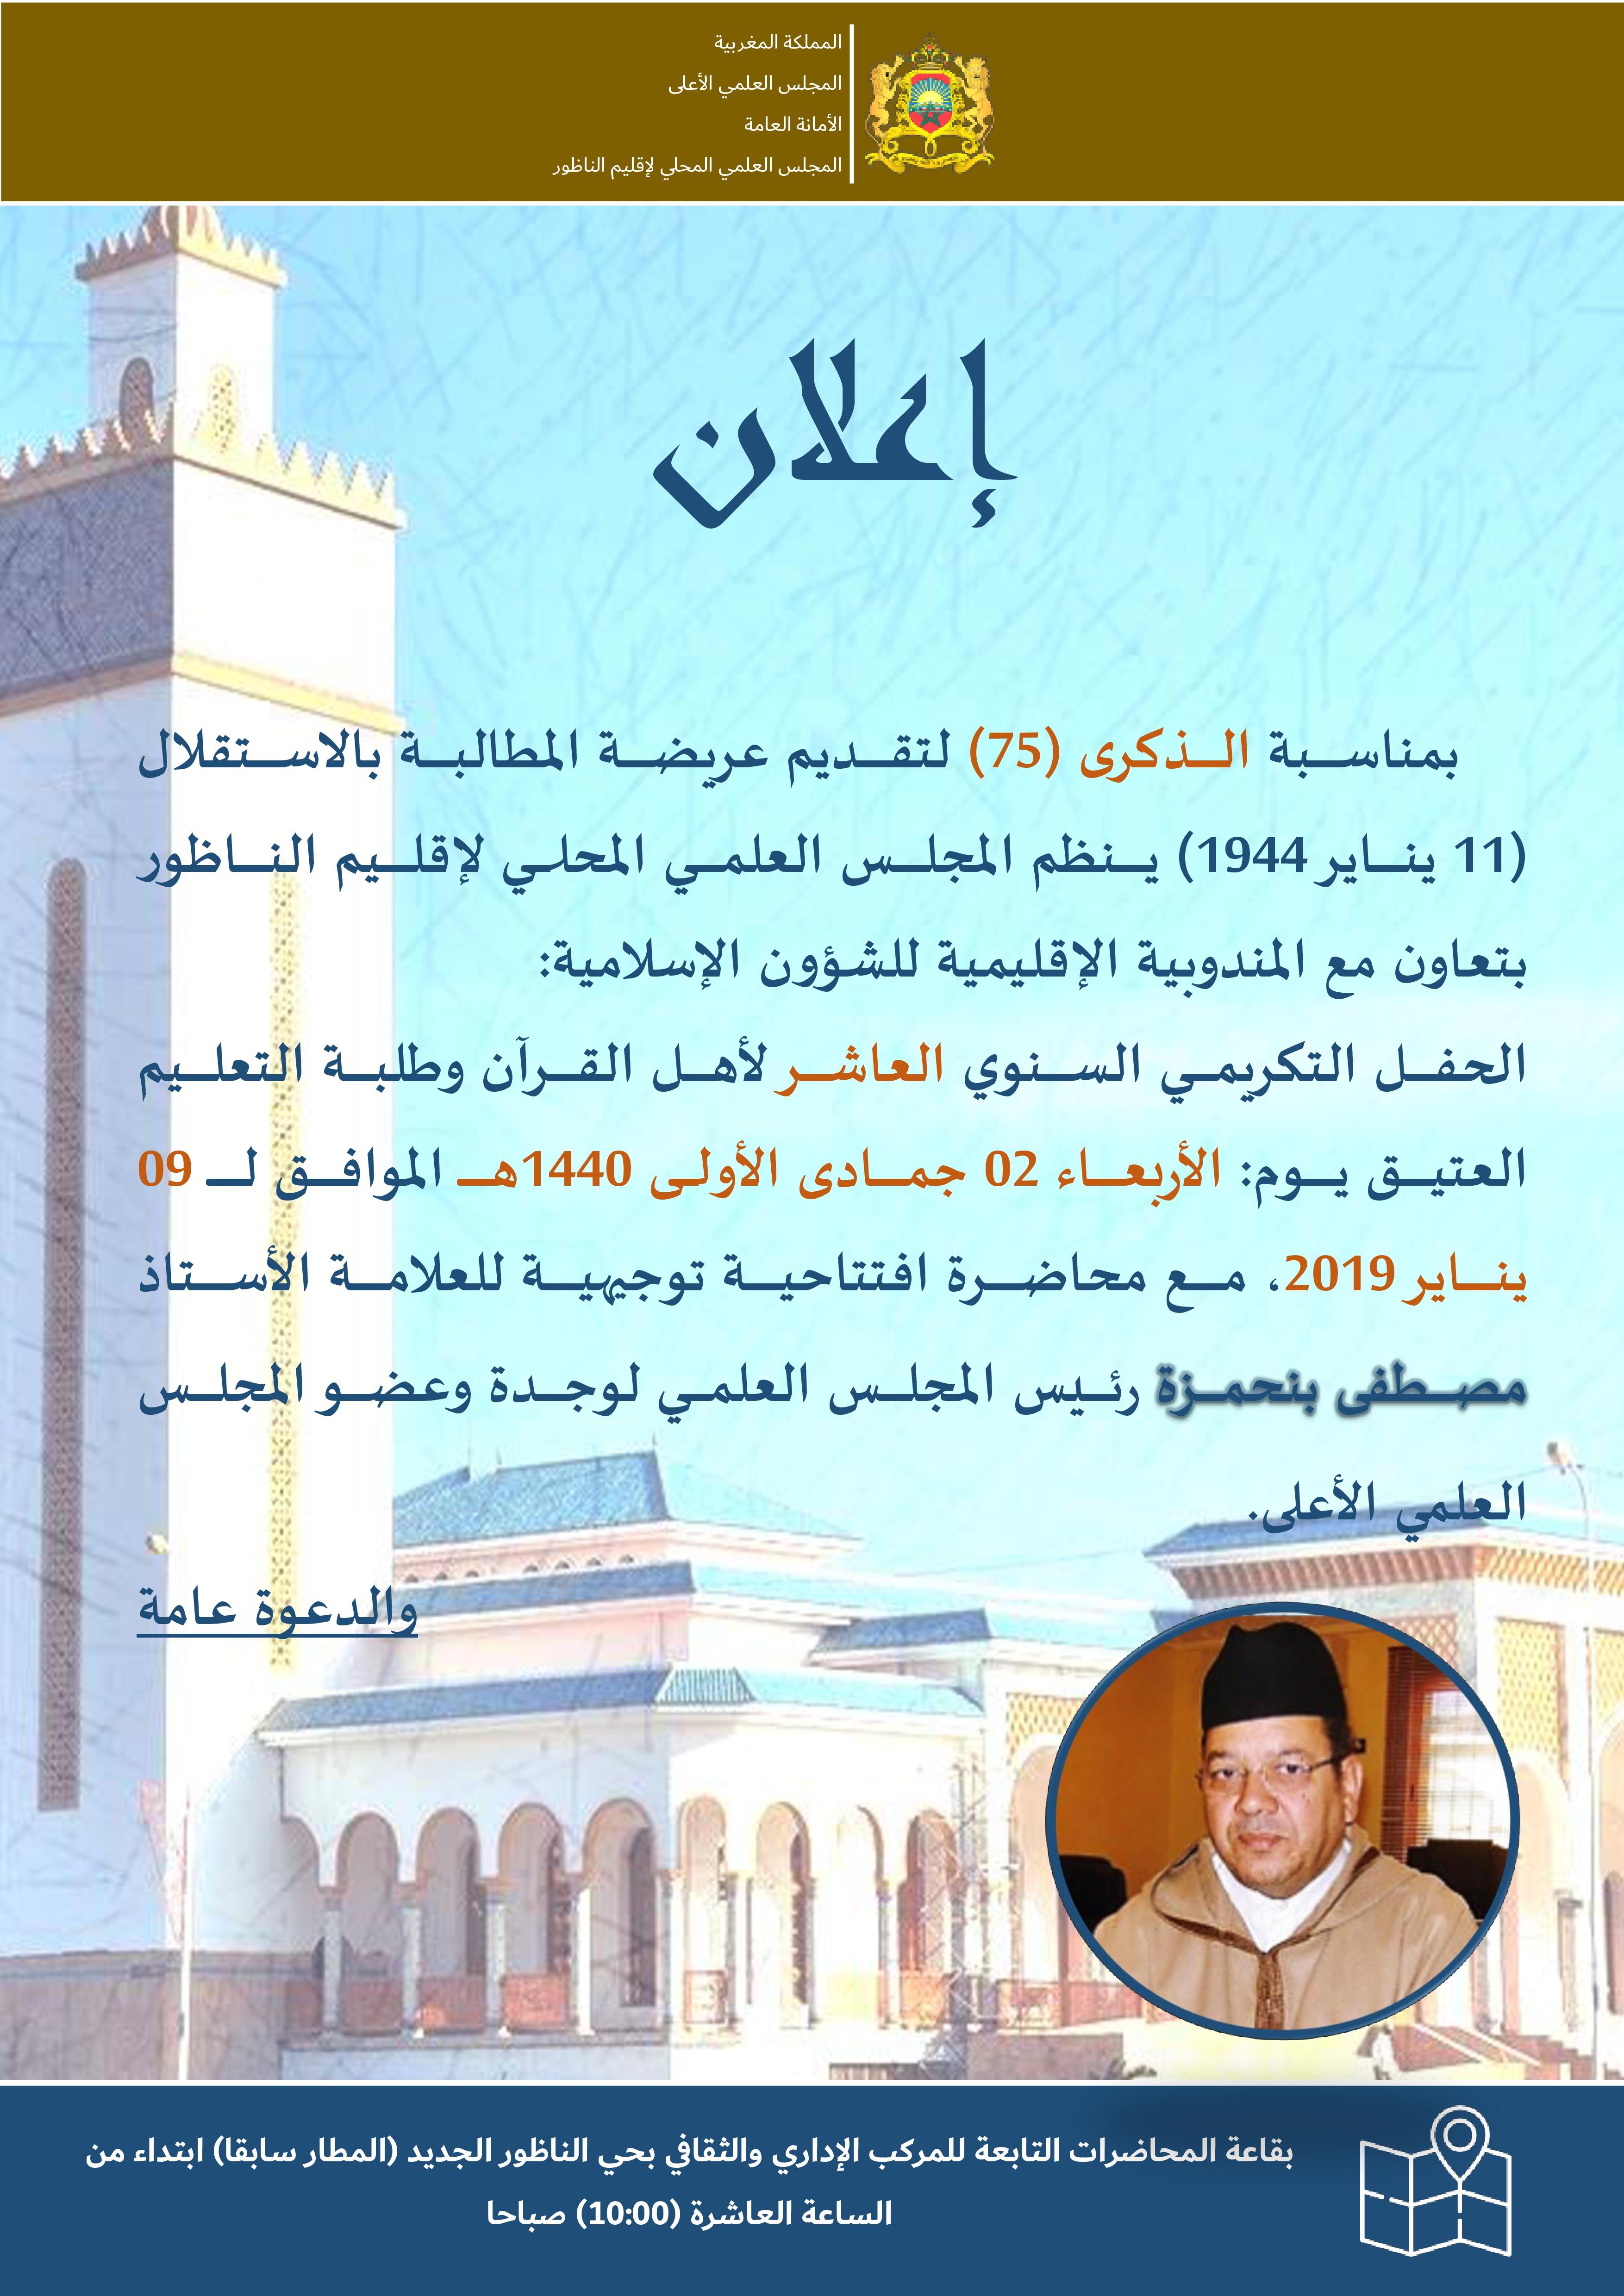 الناظور…محاضرة افتتاحية للأستاذ مصطفى بنحمزة تخليدا لذكرى 11يناير يوم الأربعاء القادم